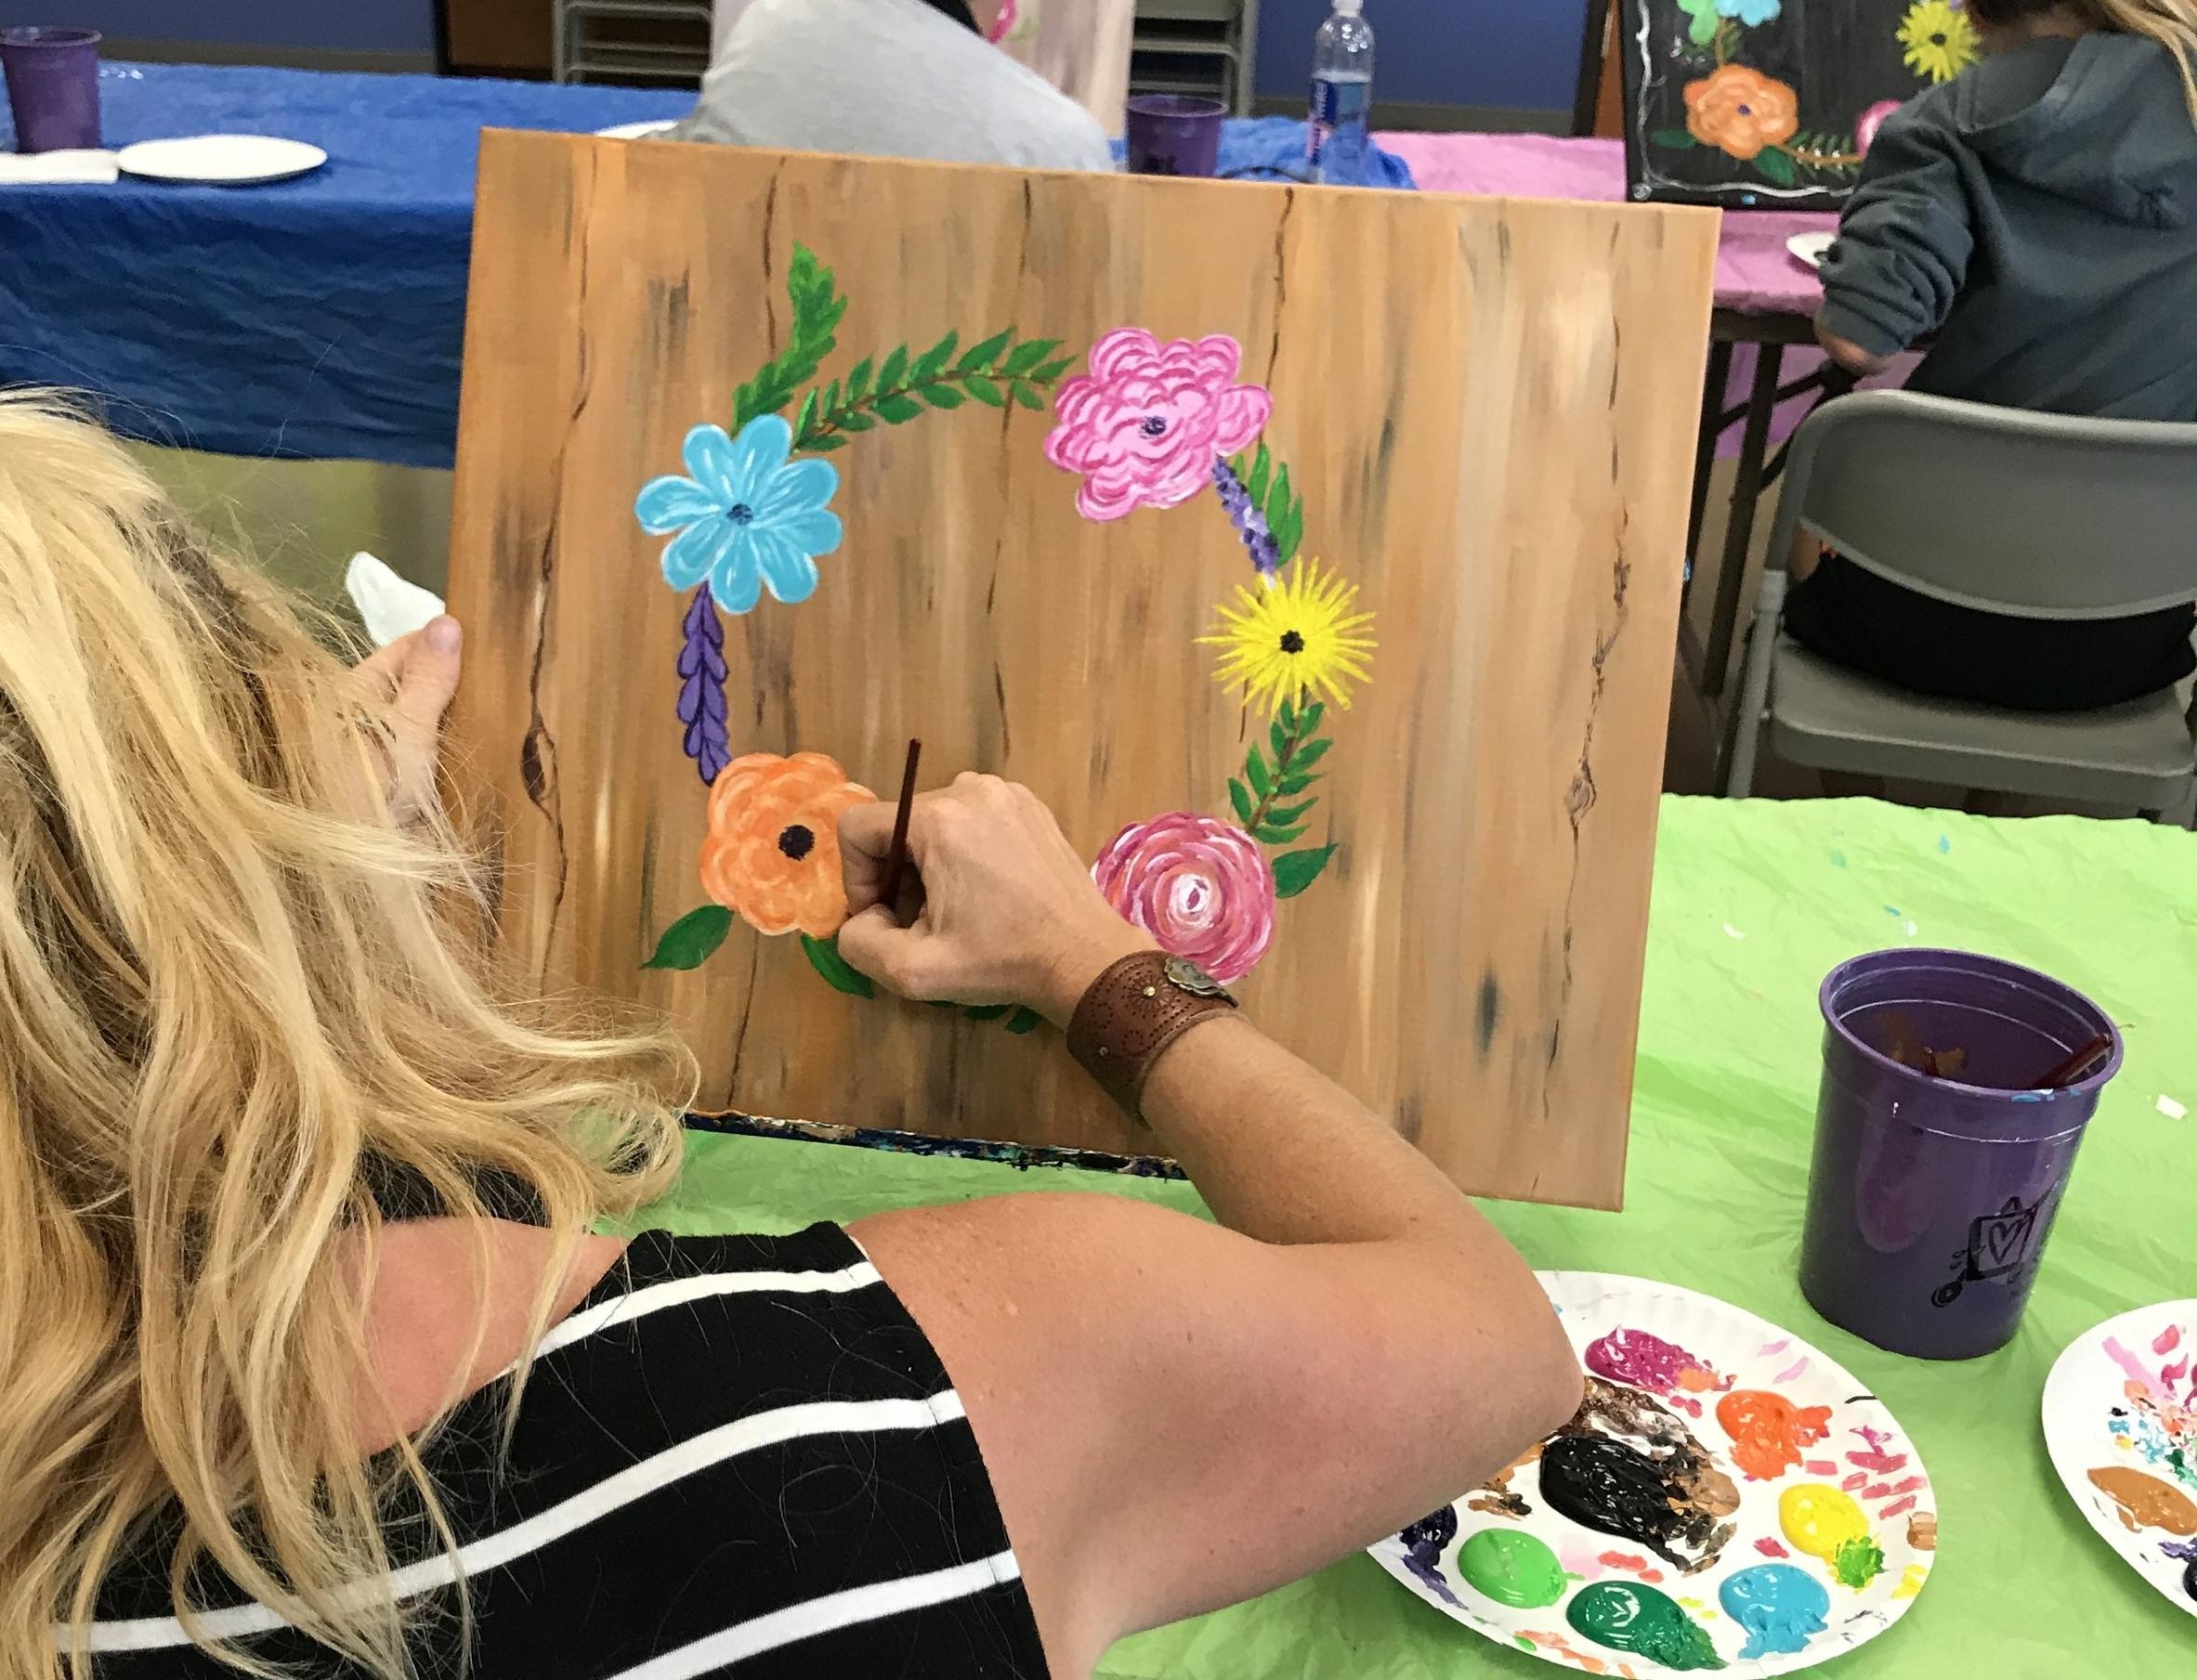 Flower Wreath - Paint to look like barnboard or chalkboard